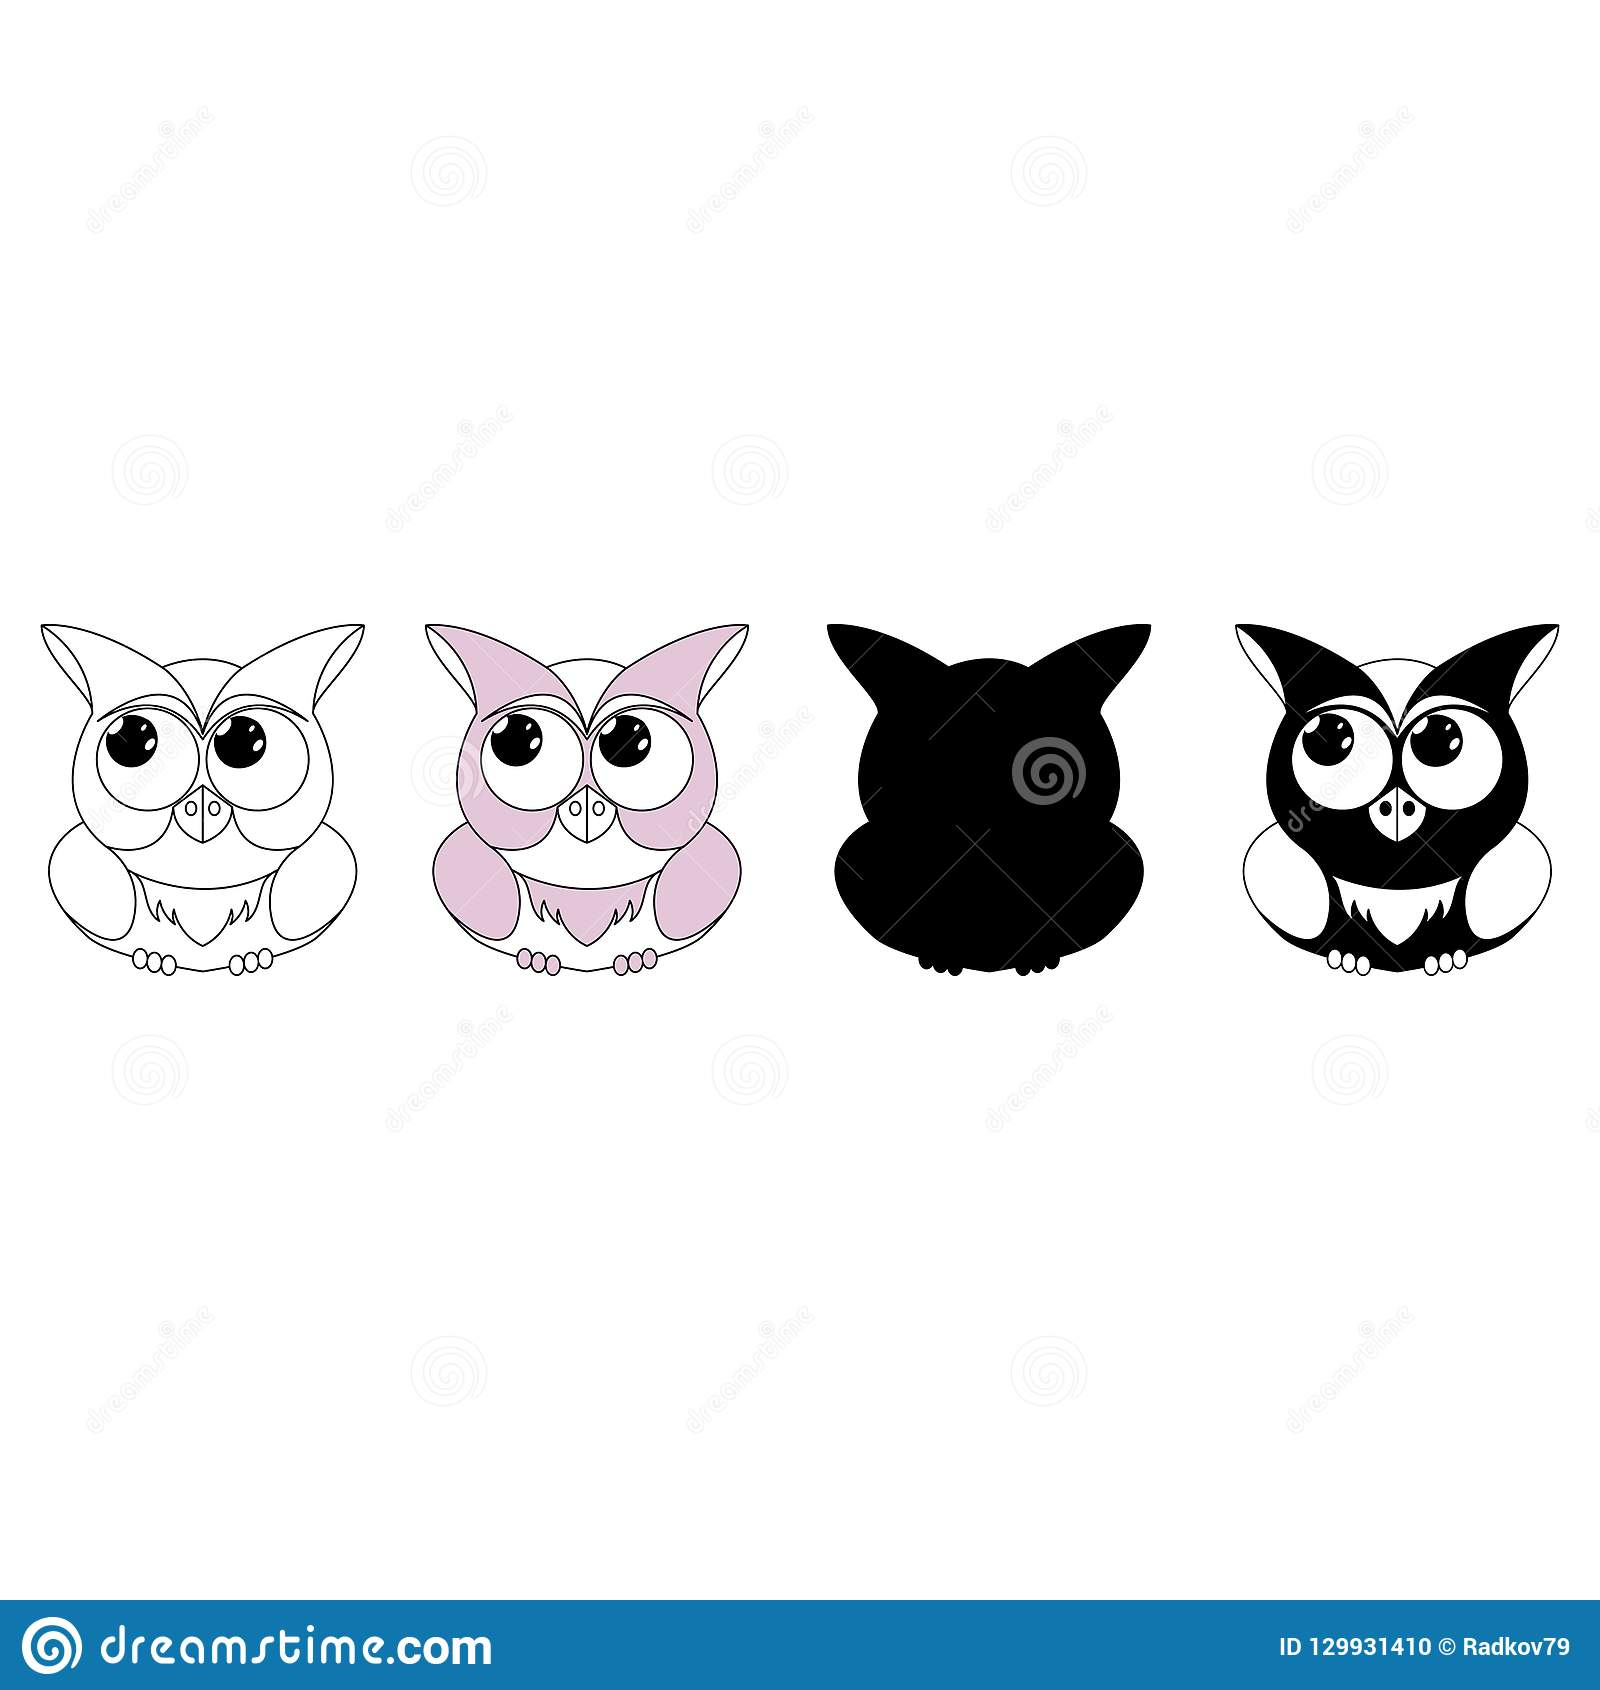 Κουκουβαγιών χαρακτήρας που απομονώνεται γκρίζος Διανυσματική σκιαγραφία ενός owlet για τη διακόσμηση